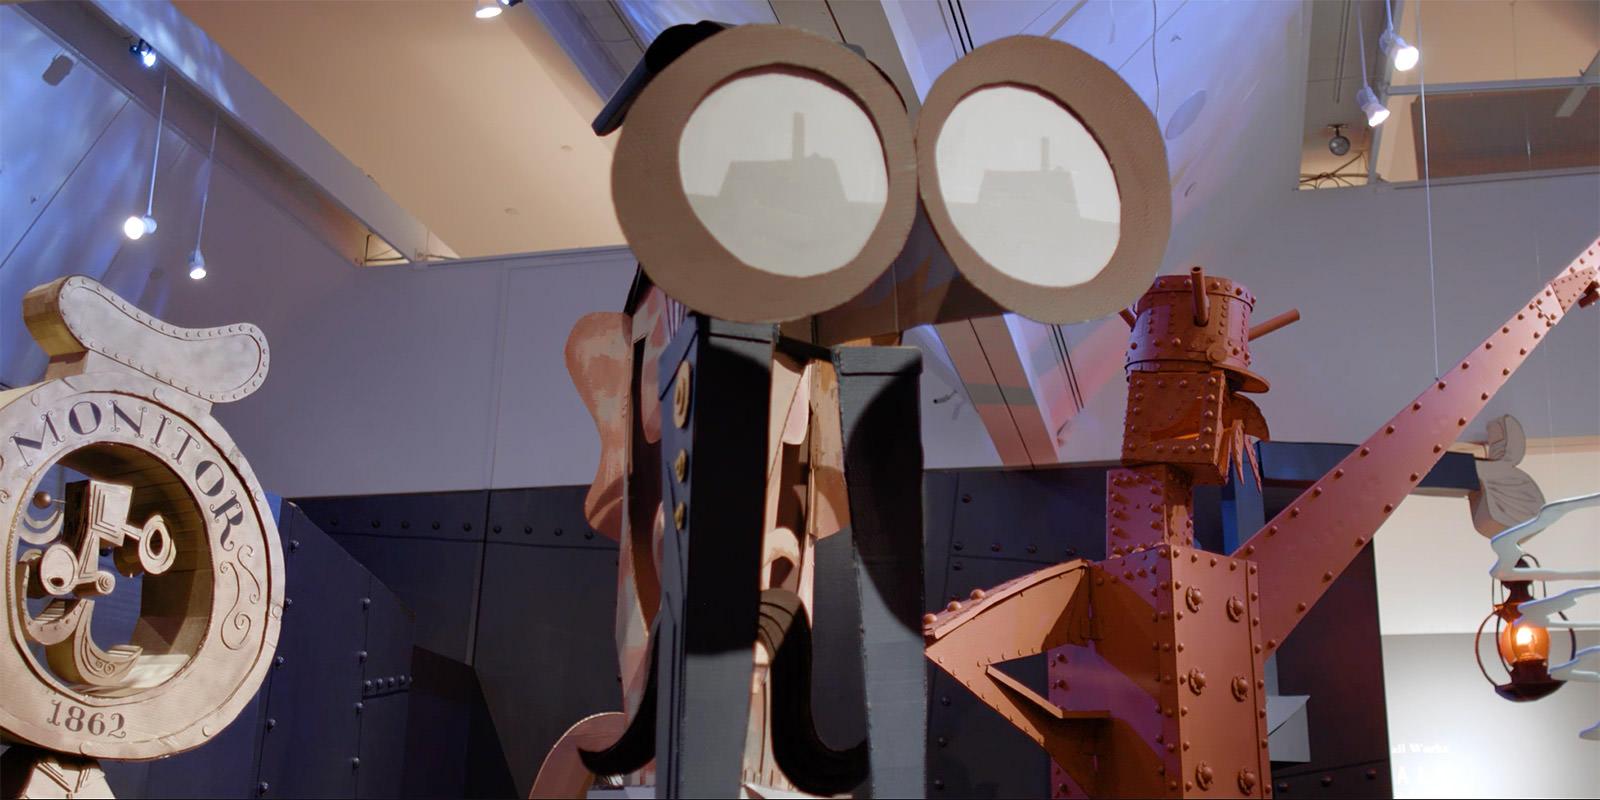 monitorium exhibit